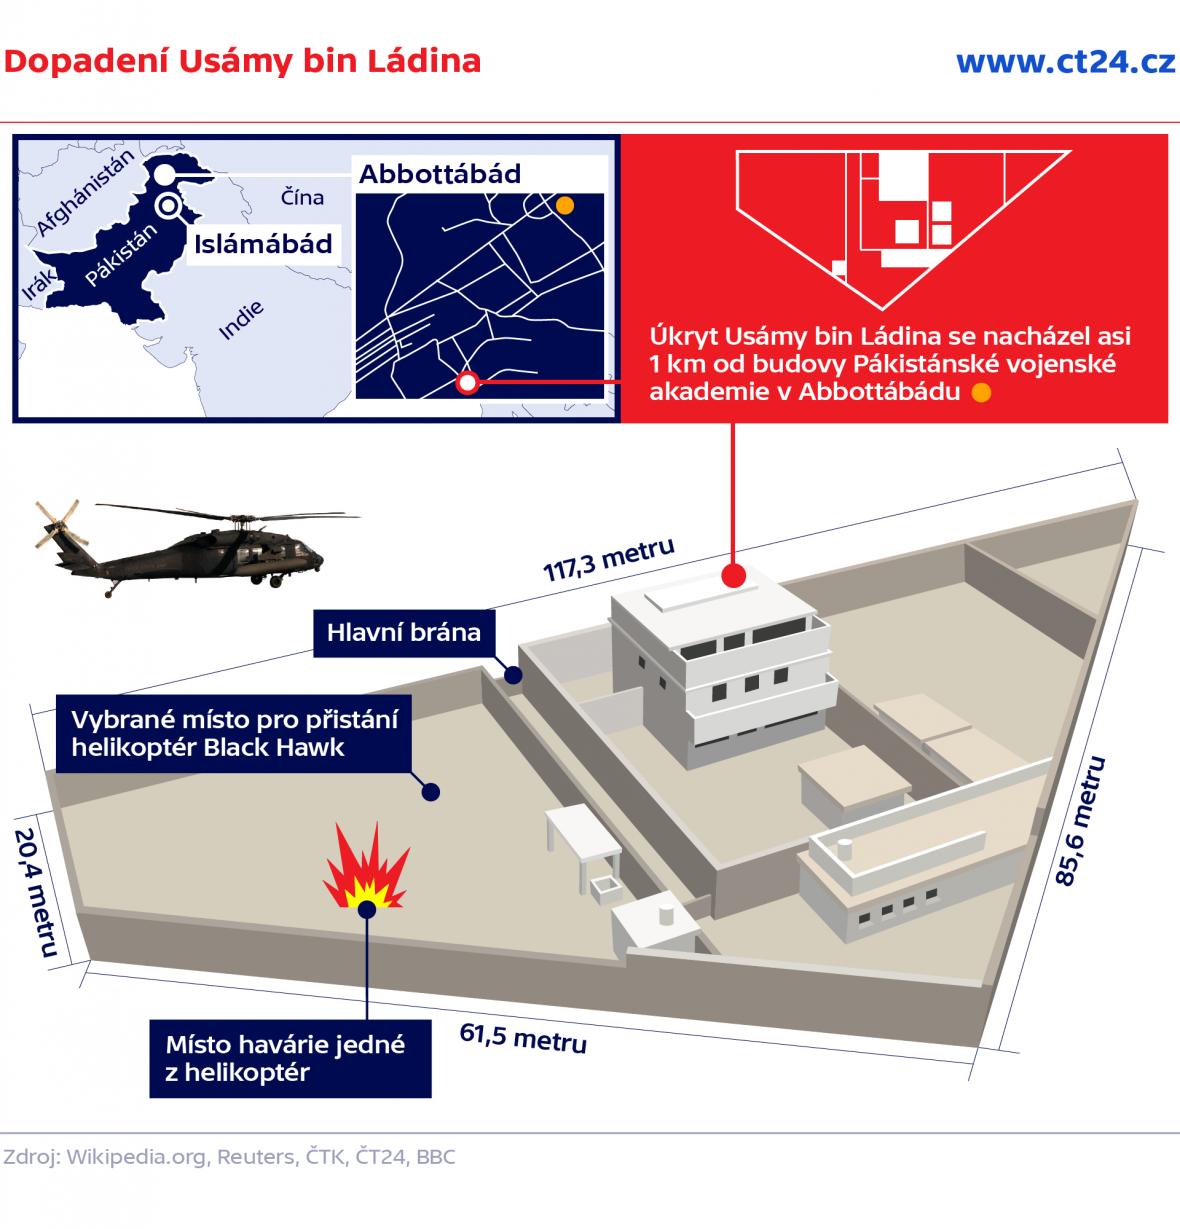 Dopadení Usámy bin Ládina